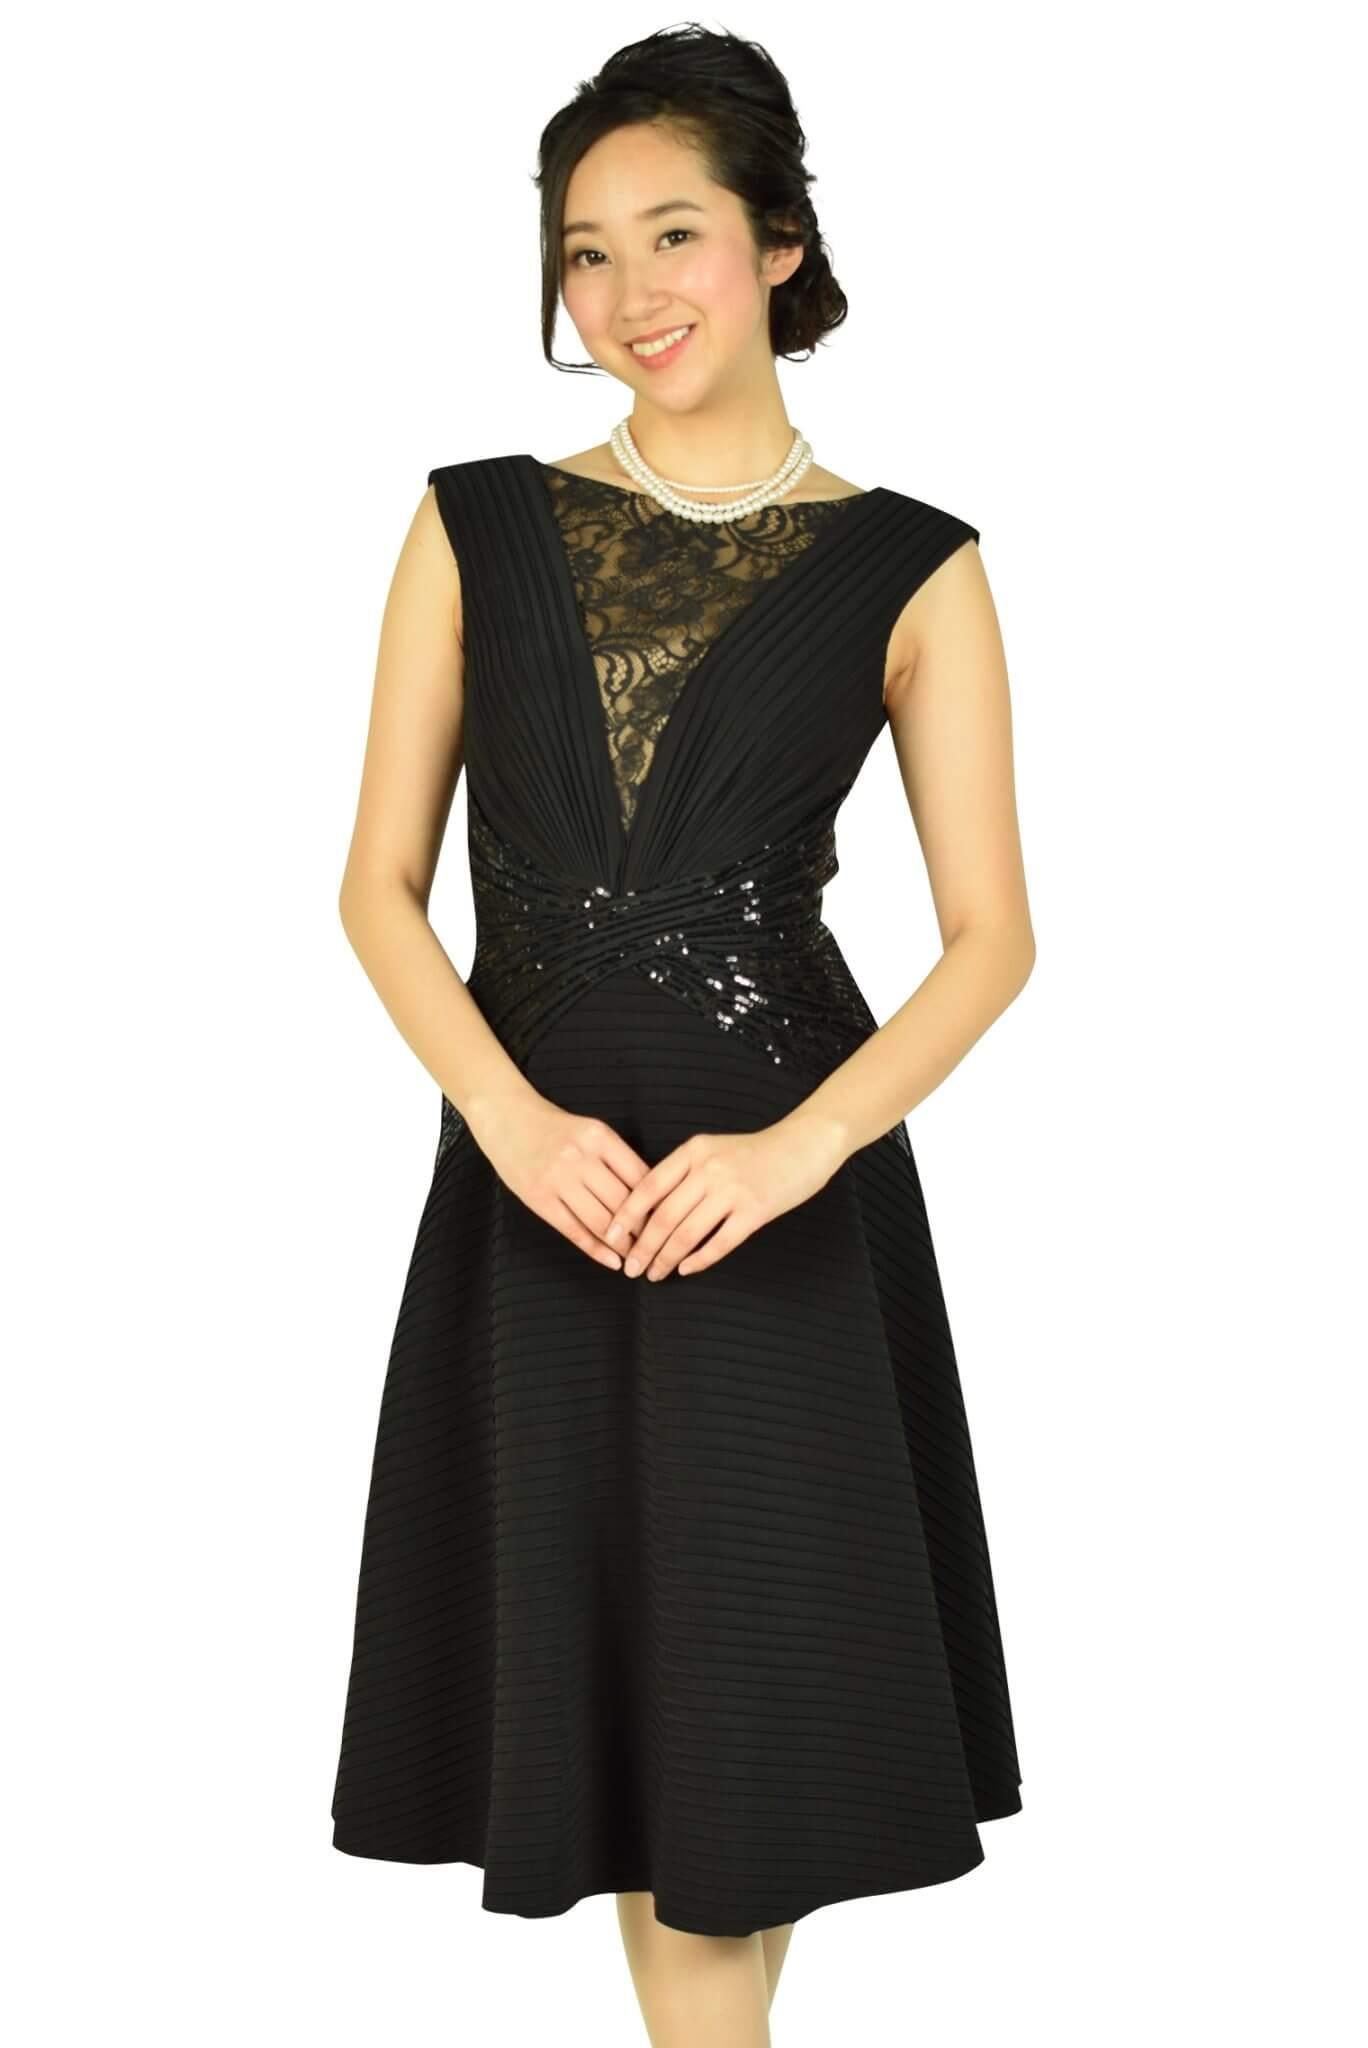 タダシ・ショージ (Tadashi Shoji)エレガントフレアスカートブラックドレス